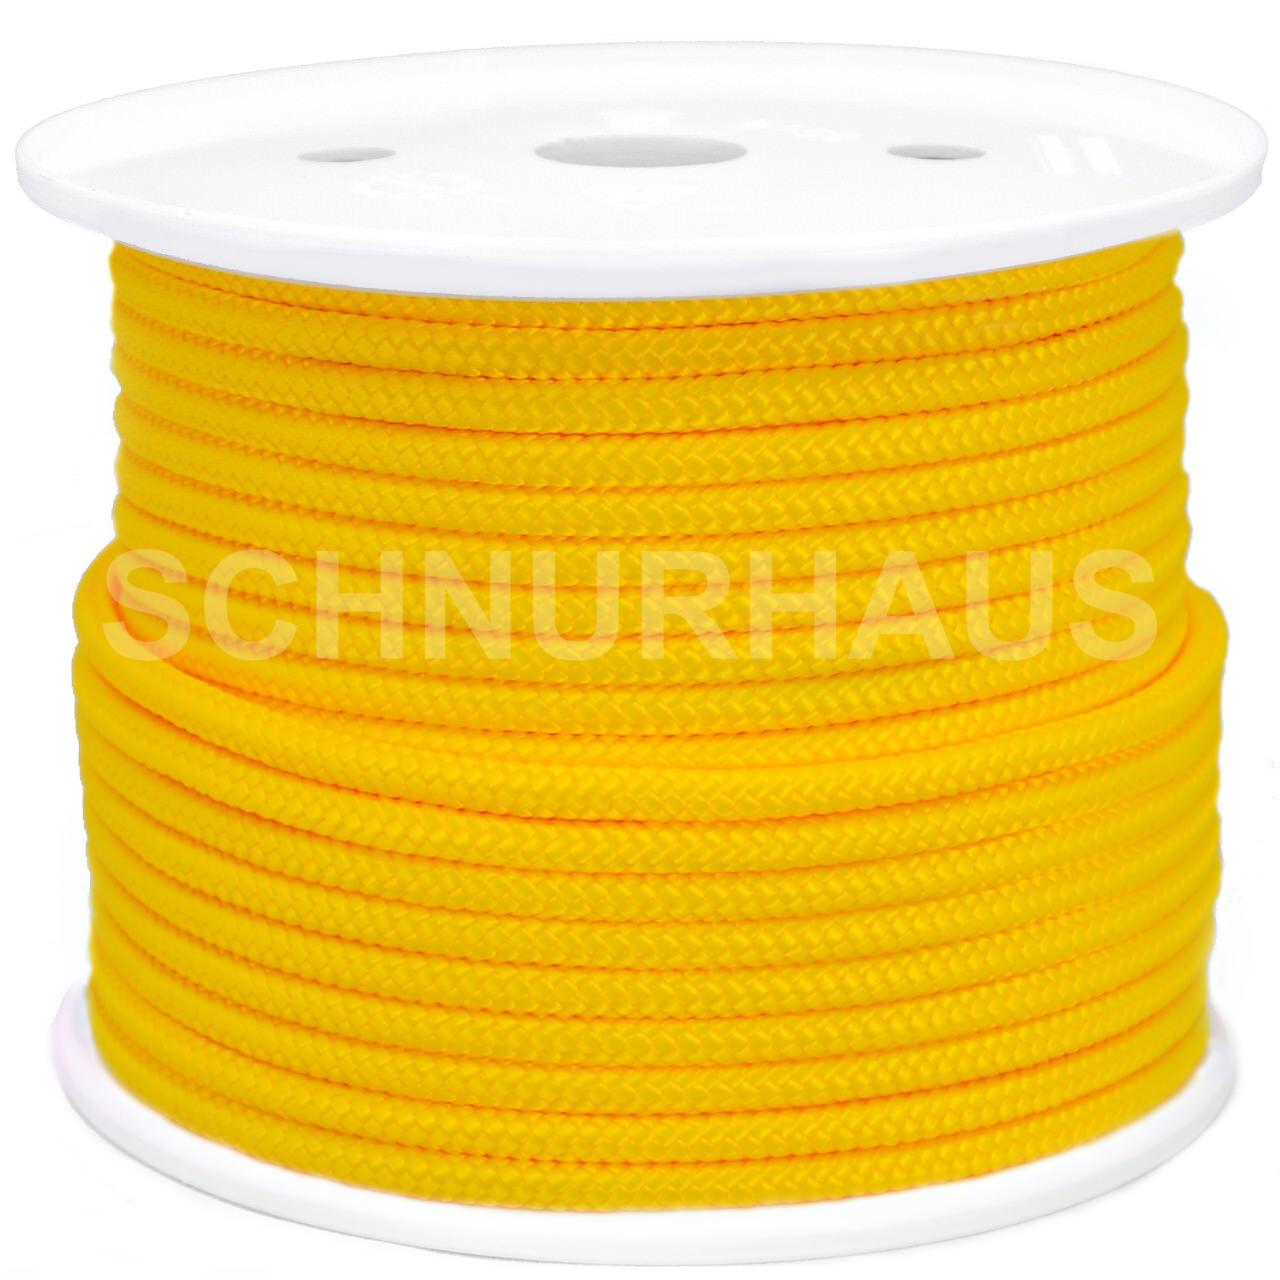 10mm 1500daN Polypropylenseil 50m yellow Schnurhaus Schnur Leine Schot yellow